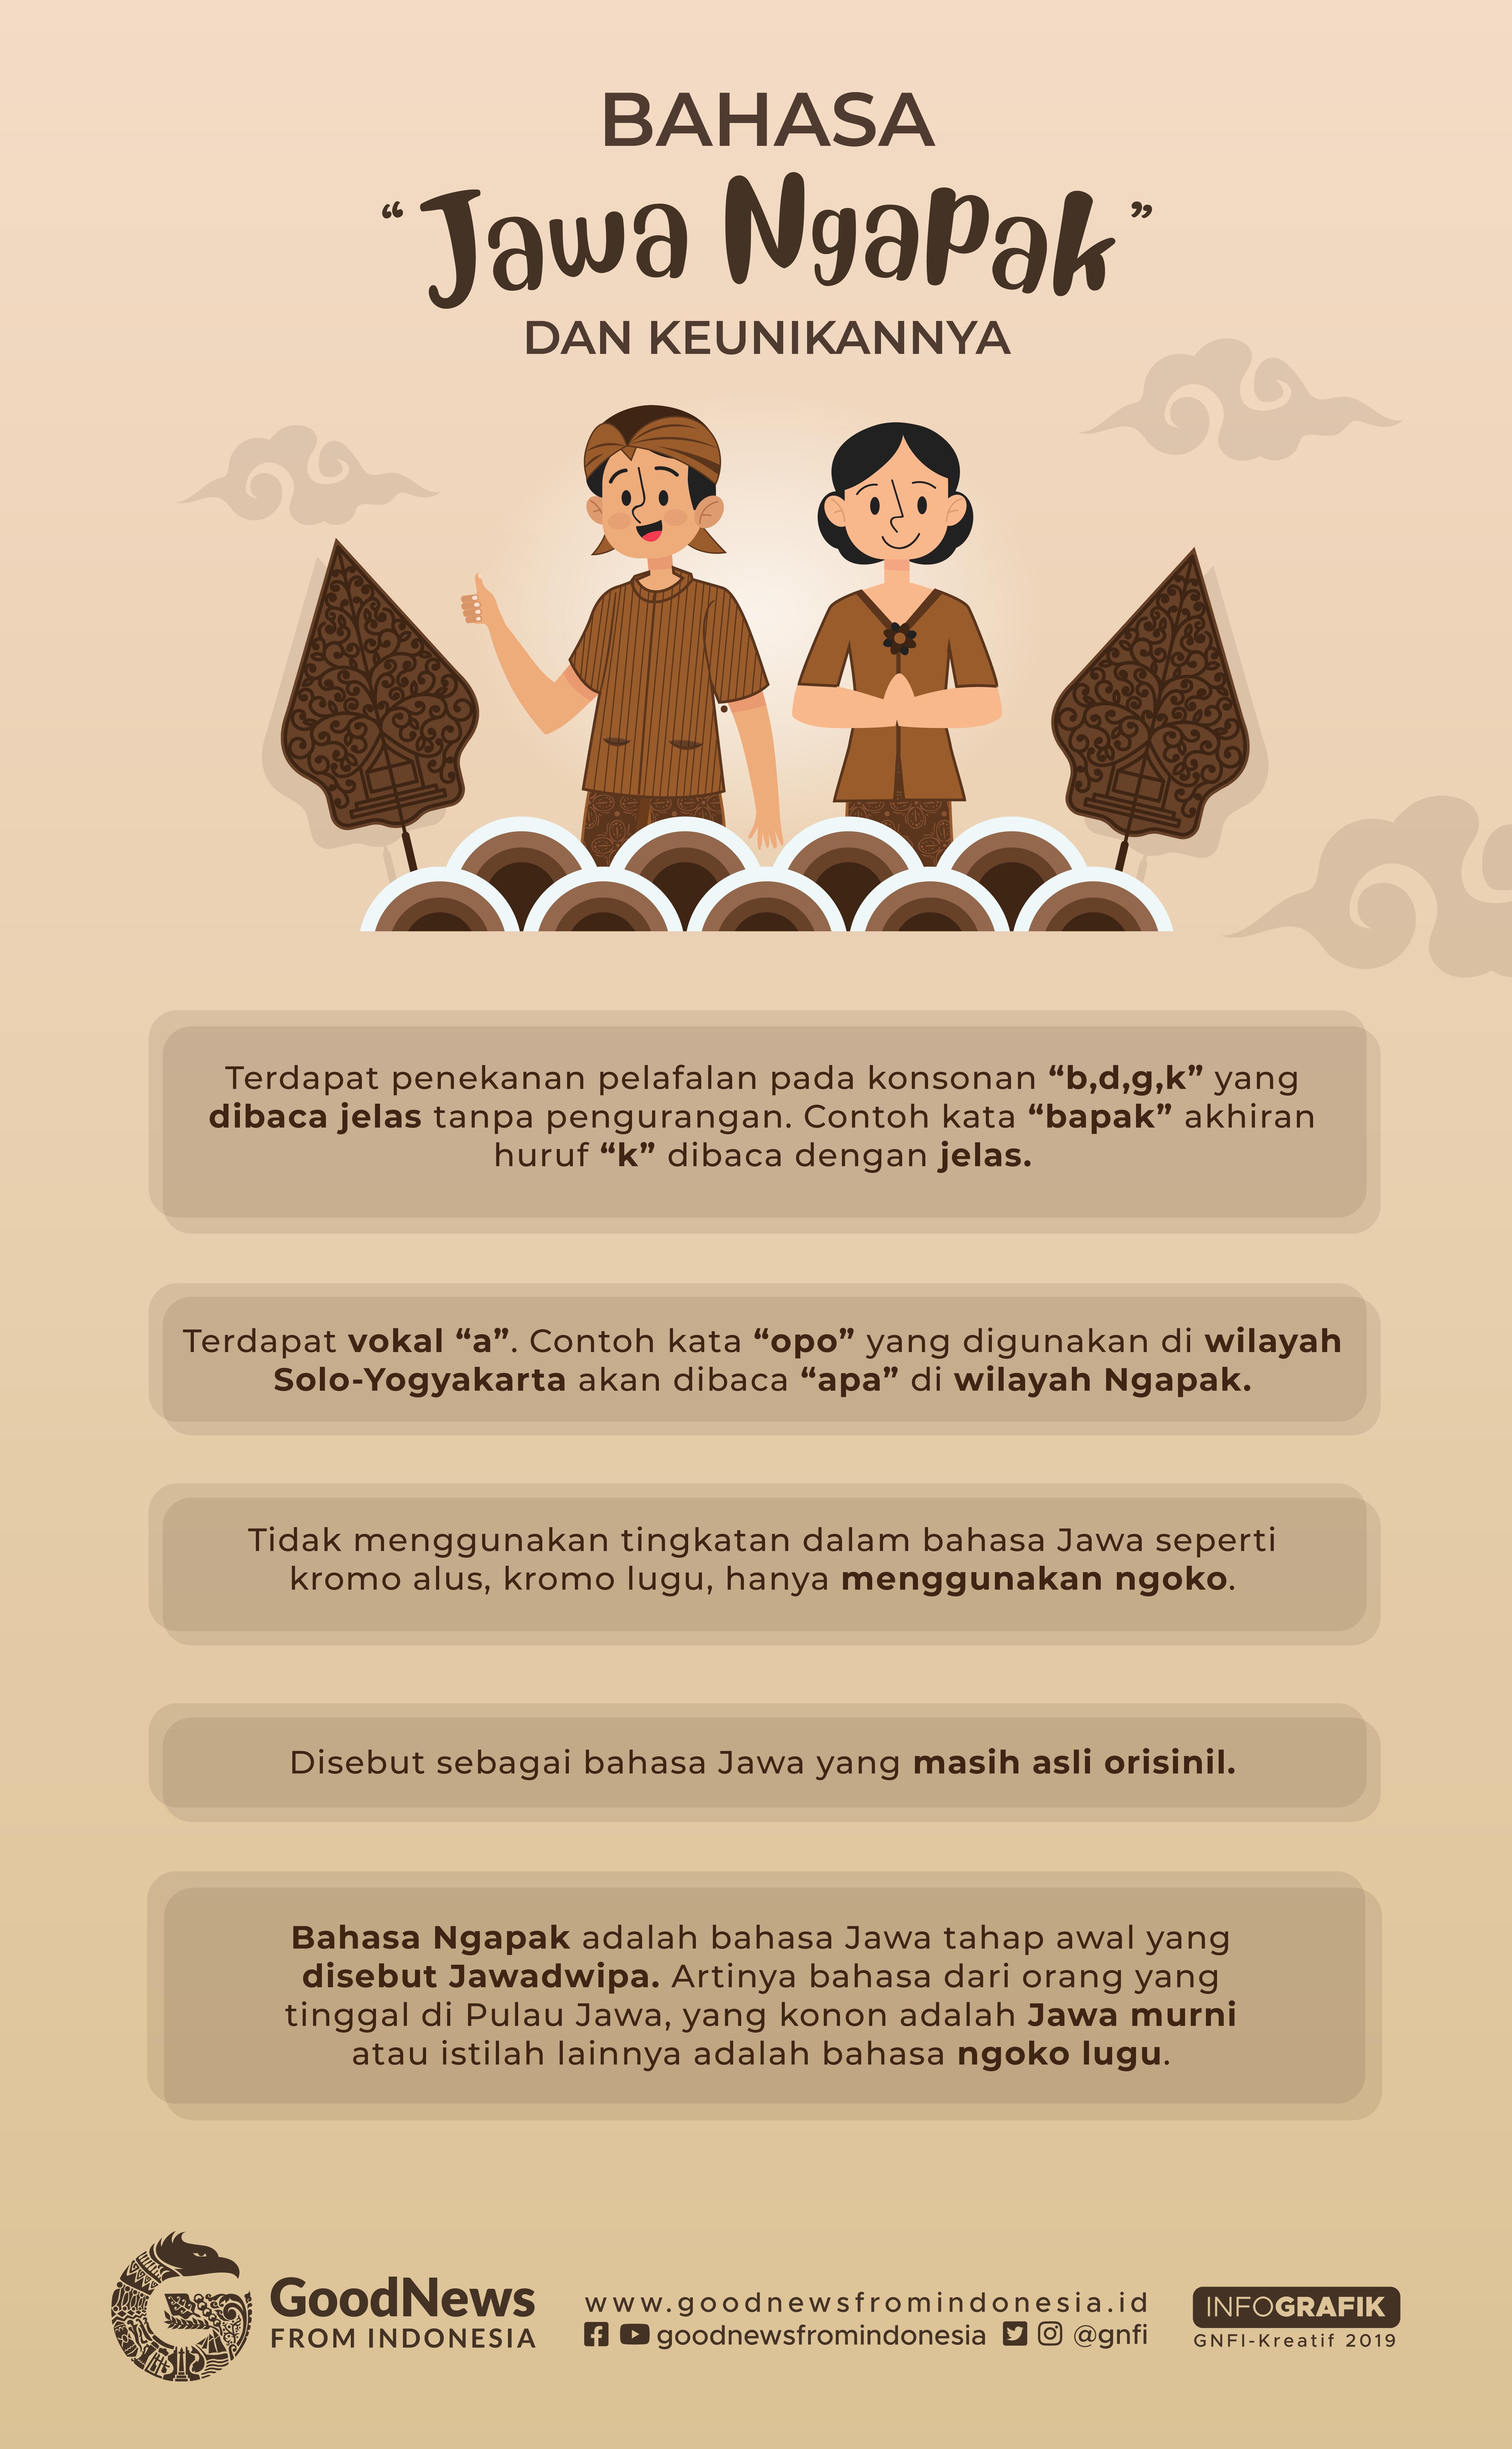 Uniknya Bahasa Ngapak